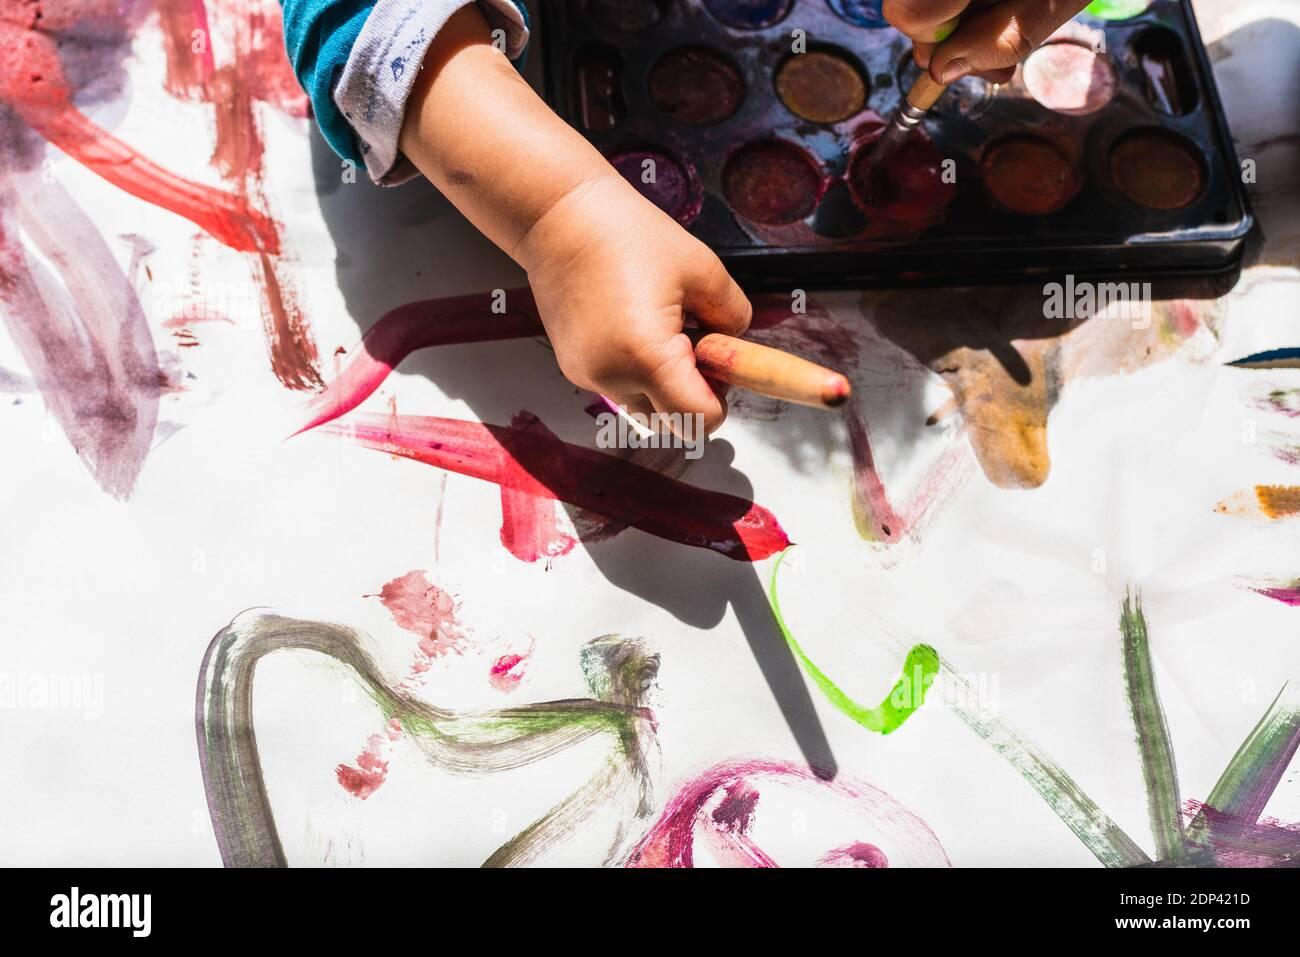 La niña creativa pinta en el suelo con la pintura de los niños un dibujo abstracto de los bebés sin formas. Foto de stock